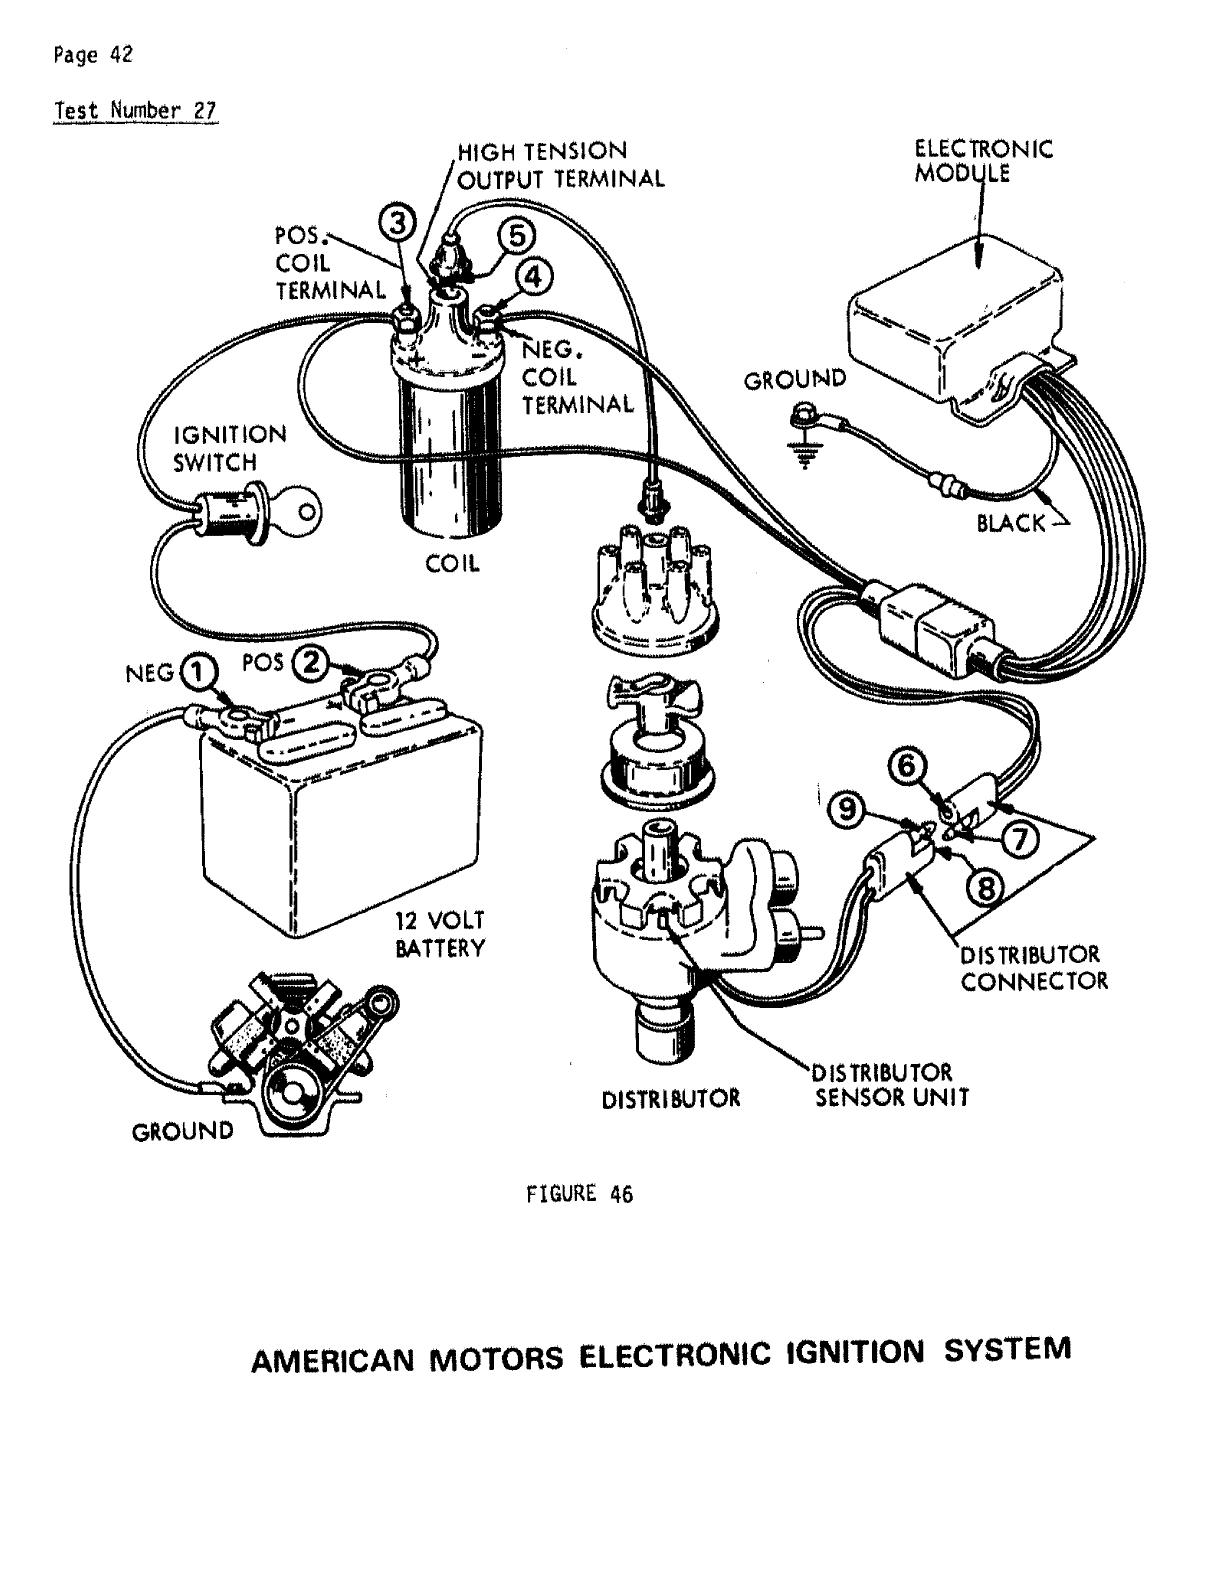 Craftsman 161210400 User Manual ENGINE ANALYZER Manuals